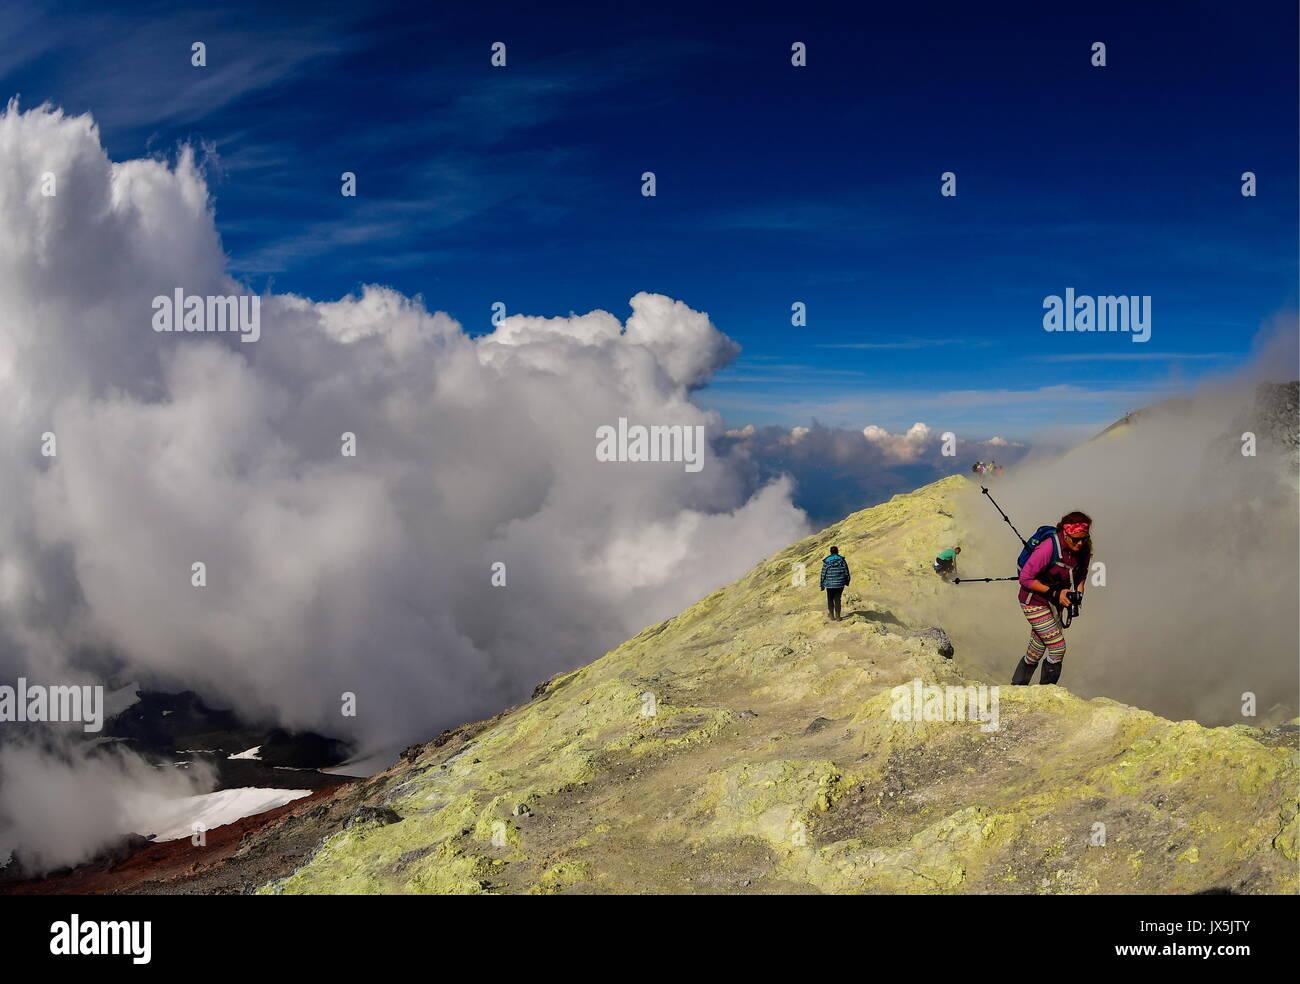 Território de Kamchatka, Rússia. Xii Ago, 2017. Os turistas na cratera de Avachinsky stratovolcano ativo. Crédito: Yuri Smityuk/TASS/Alamy Notícias ao vivo Imagens de Stock